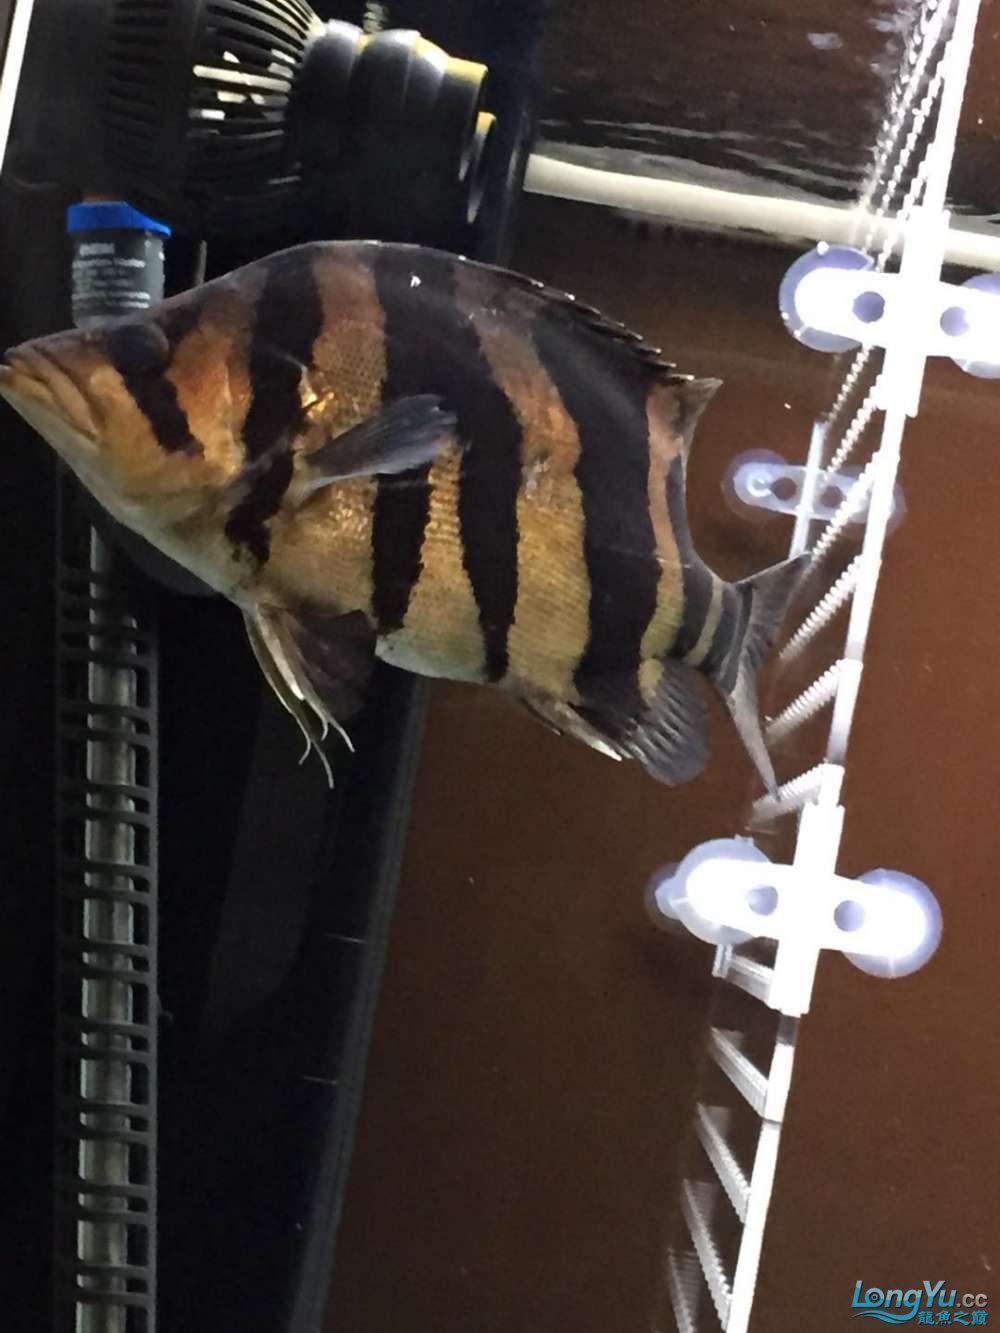 北京泰迪花谷32cm人字纹印尼虎 北京观赏鱼 北京龙鱼第3张